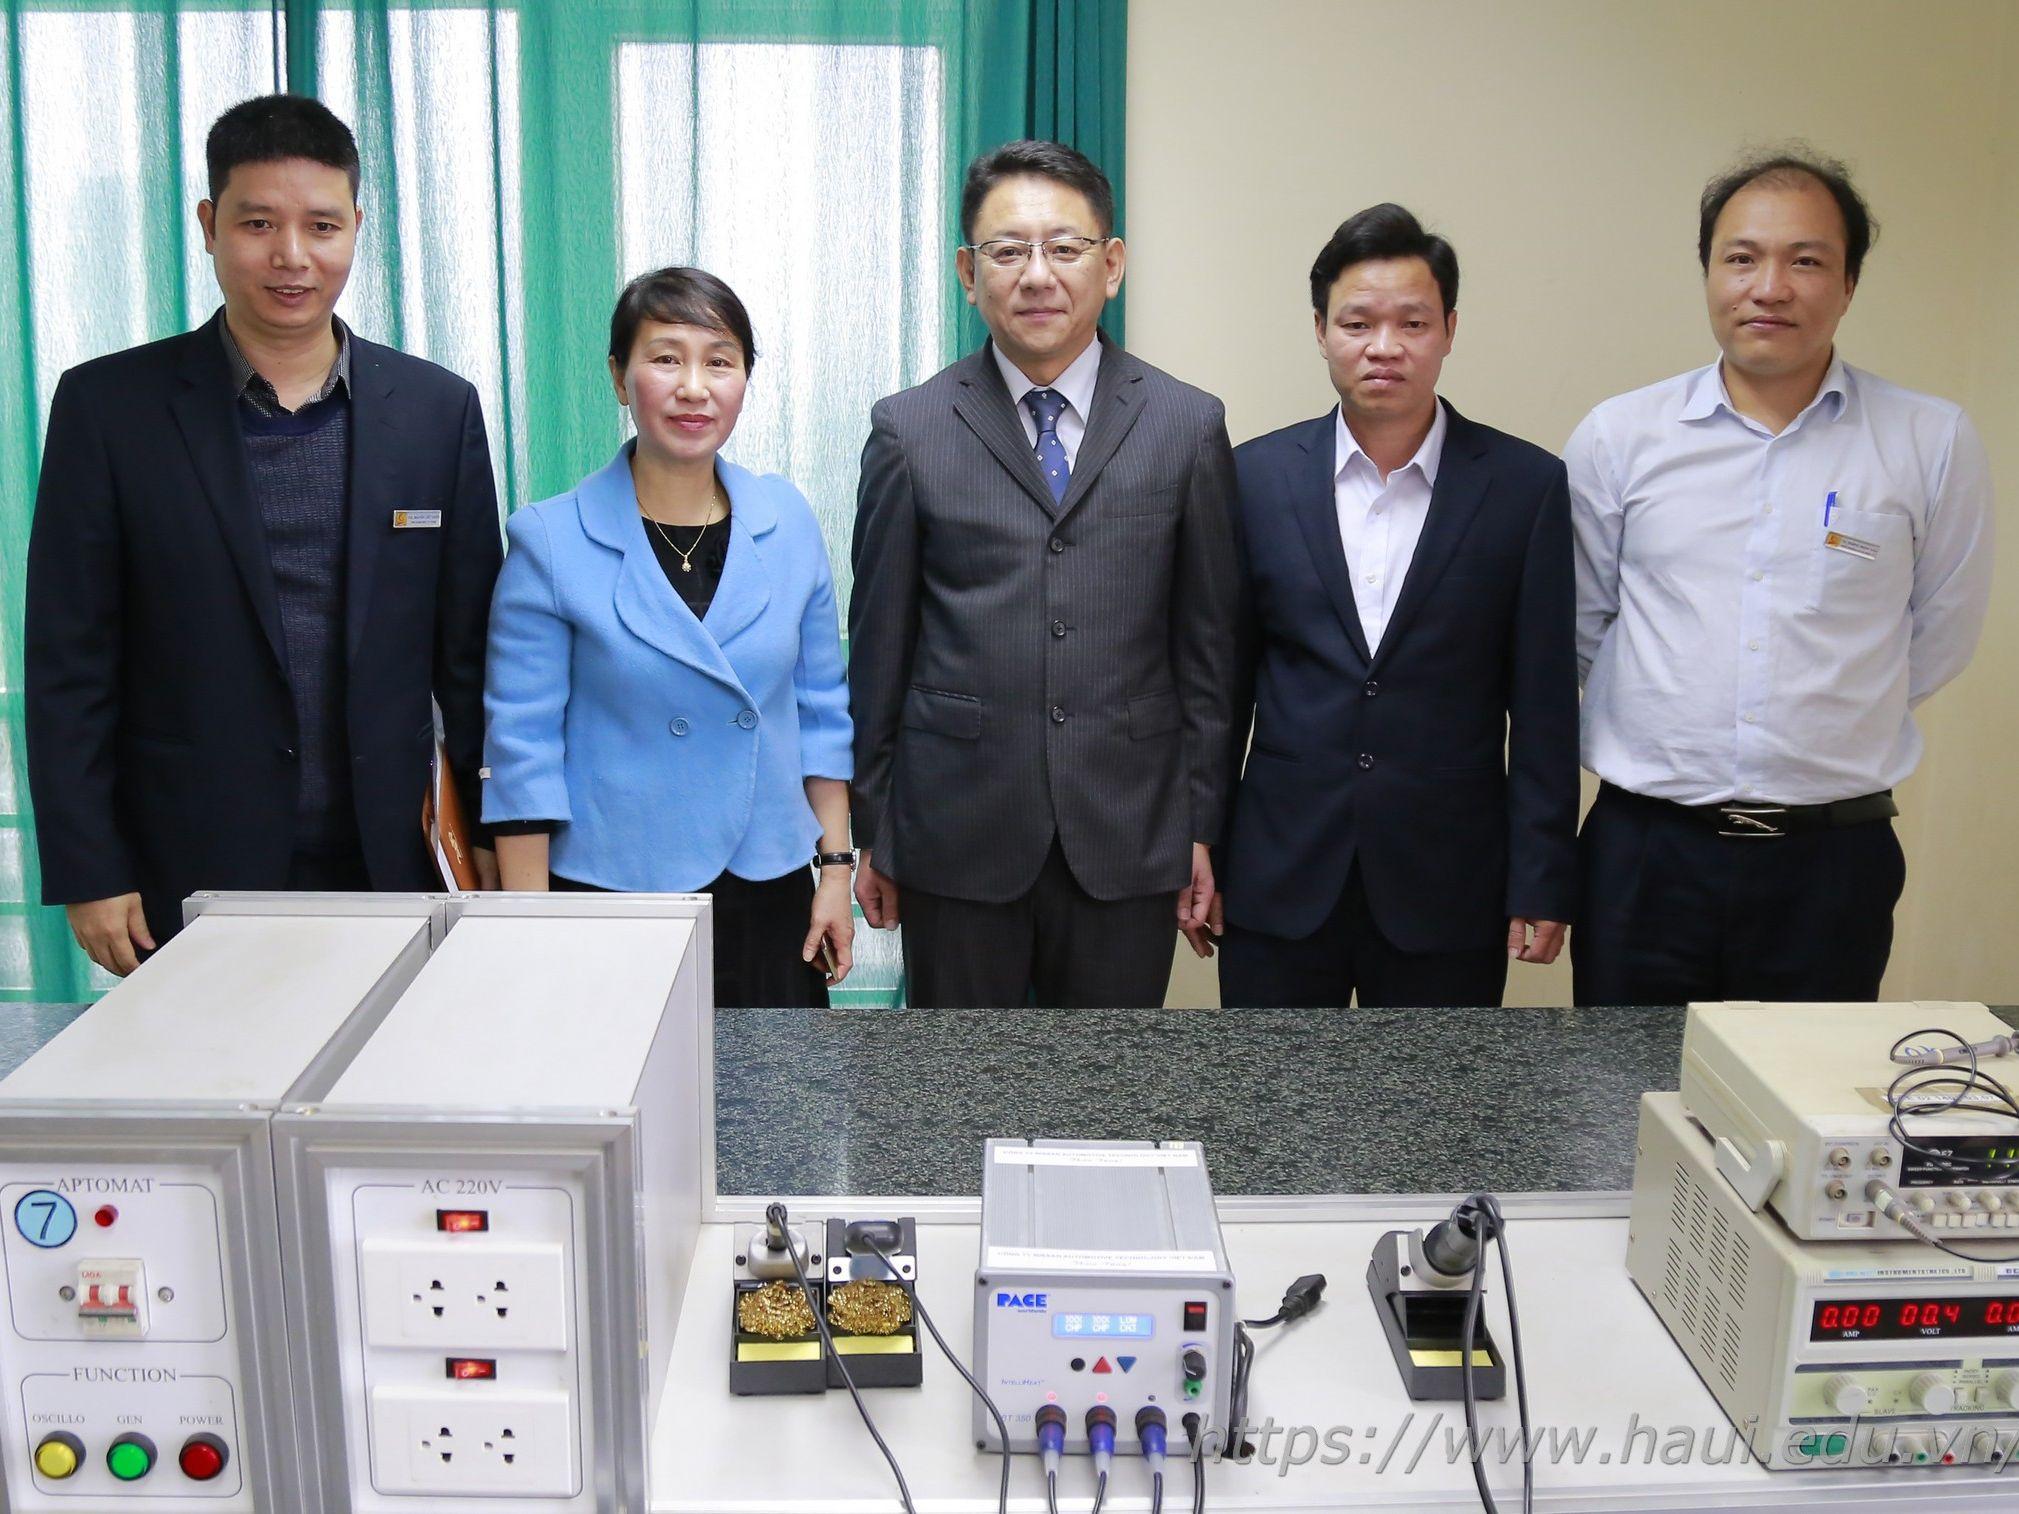 Trường Đại học Công nghiệp Hà Nội tiếp nhận thiết bị tài trợ của Công ty TNHH Nissan Automotive Technology Việt Nam